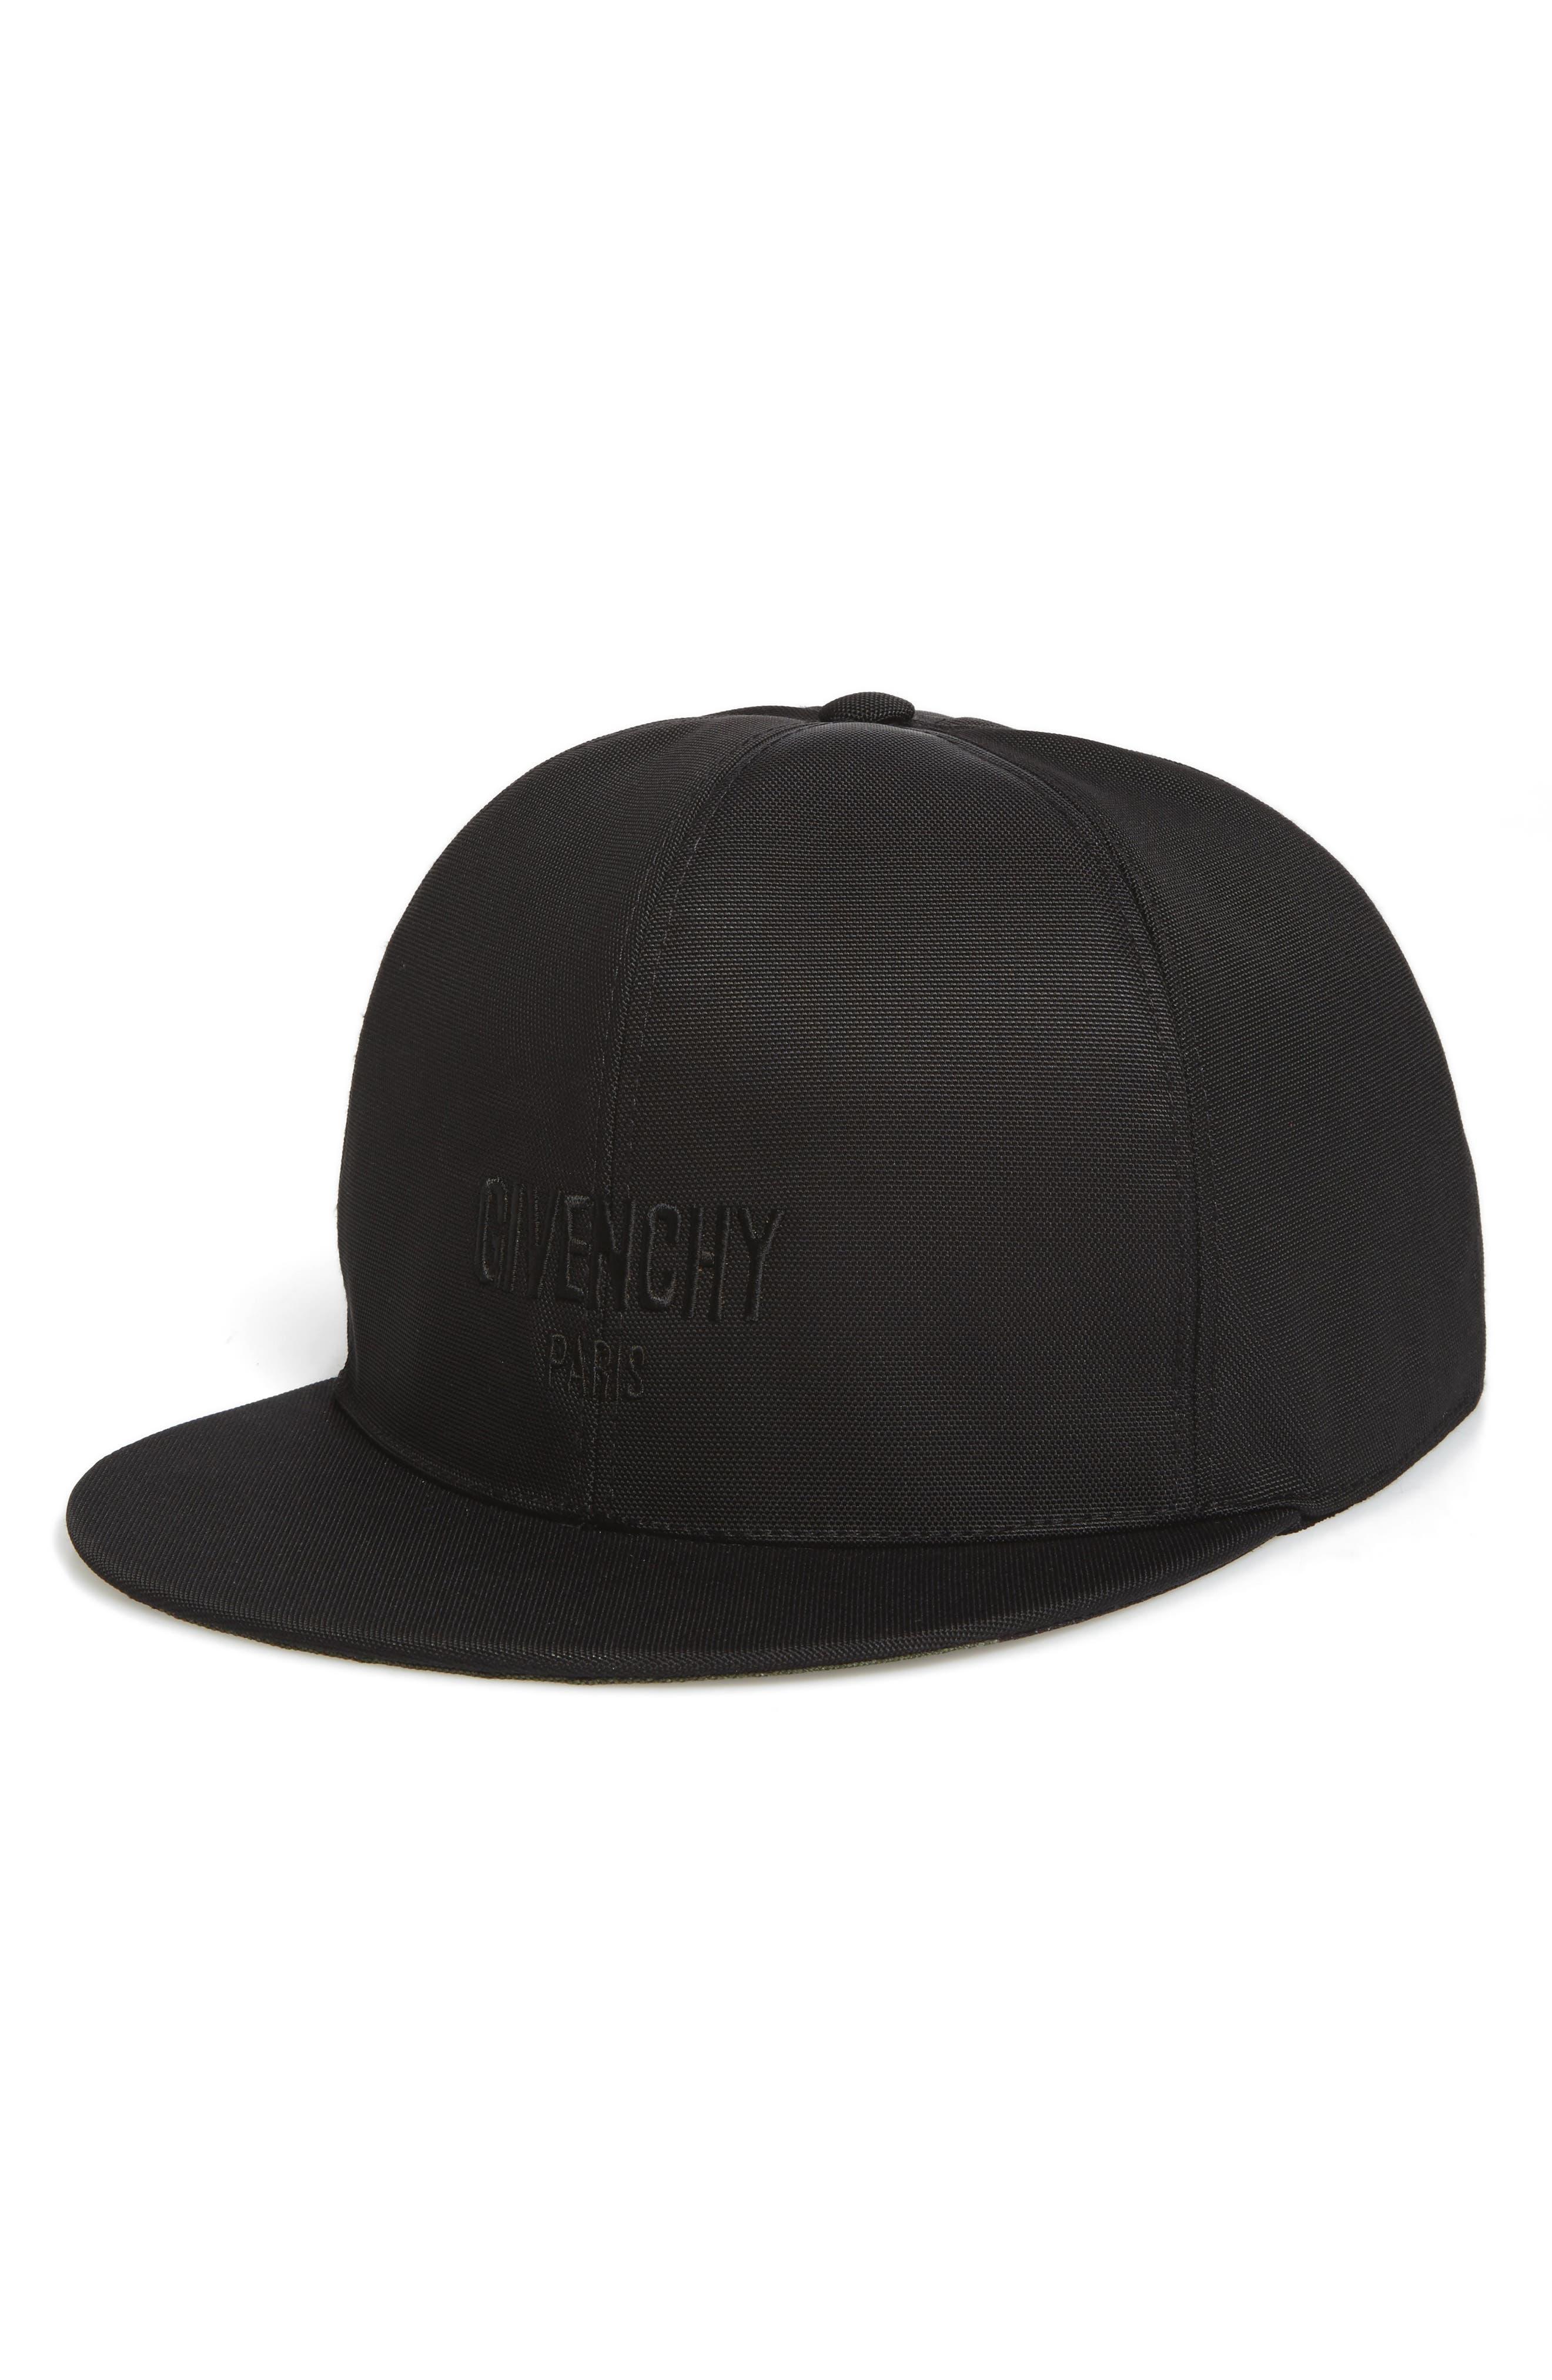 Main Image - Givenchy Embroidered Baseball Cap